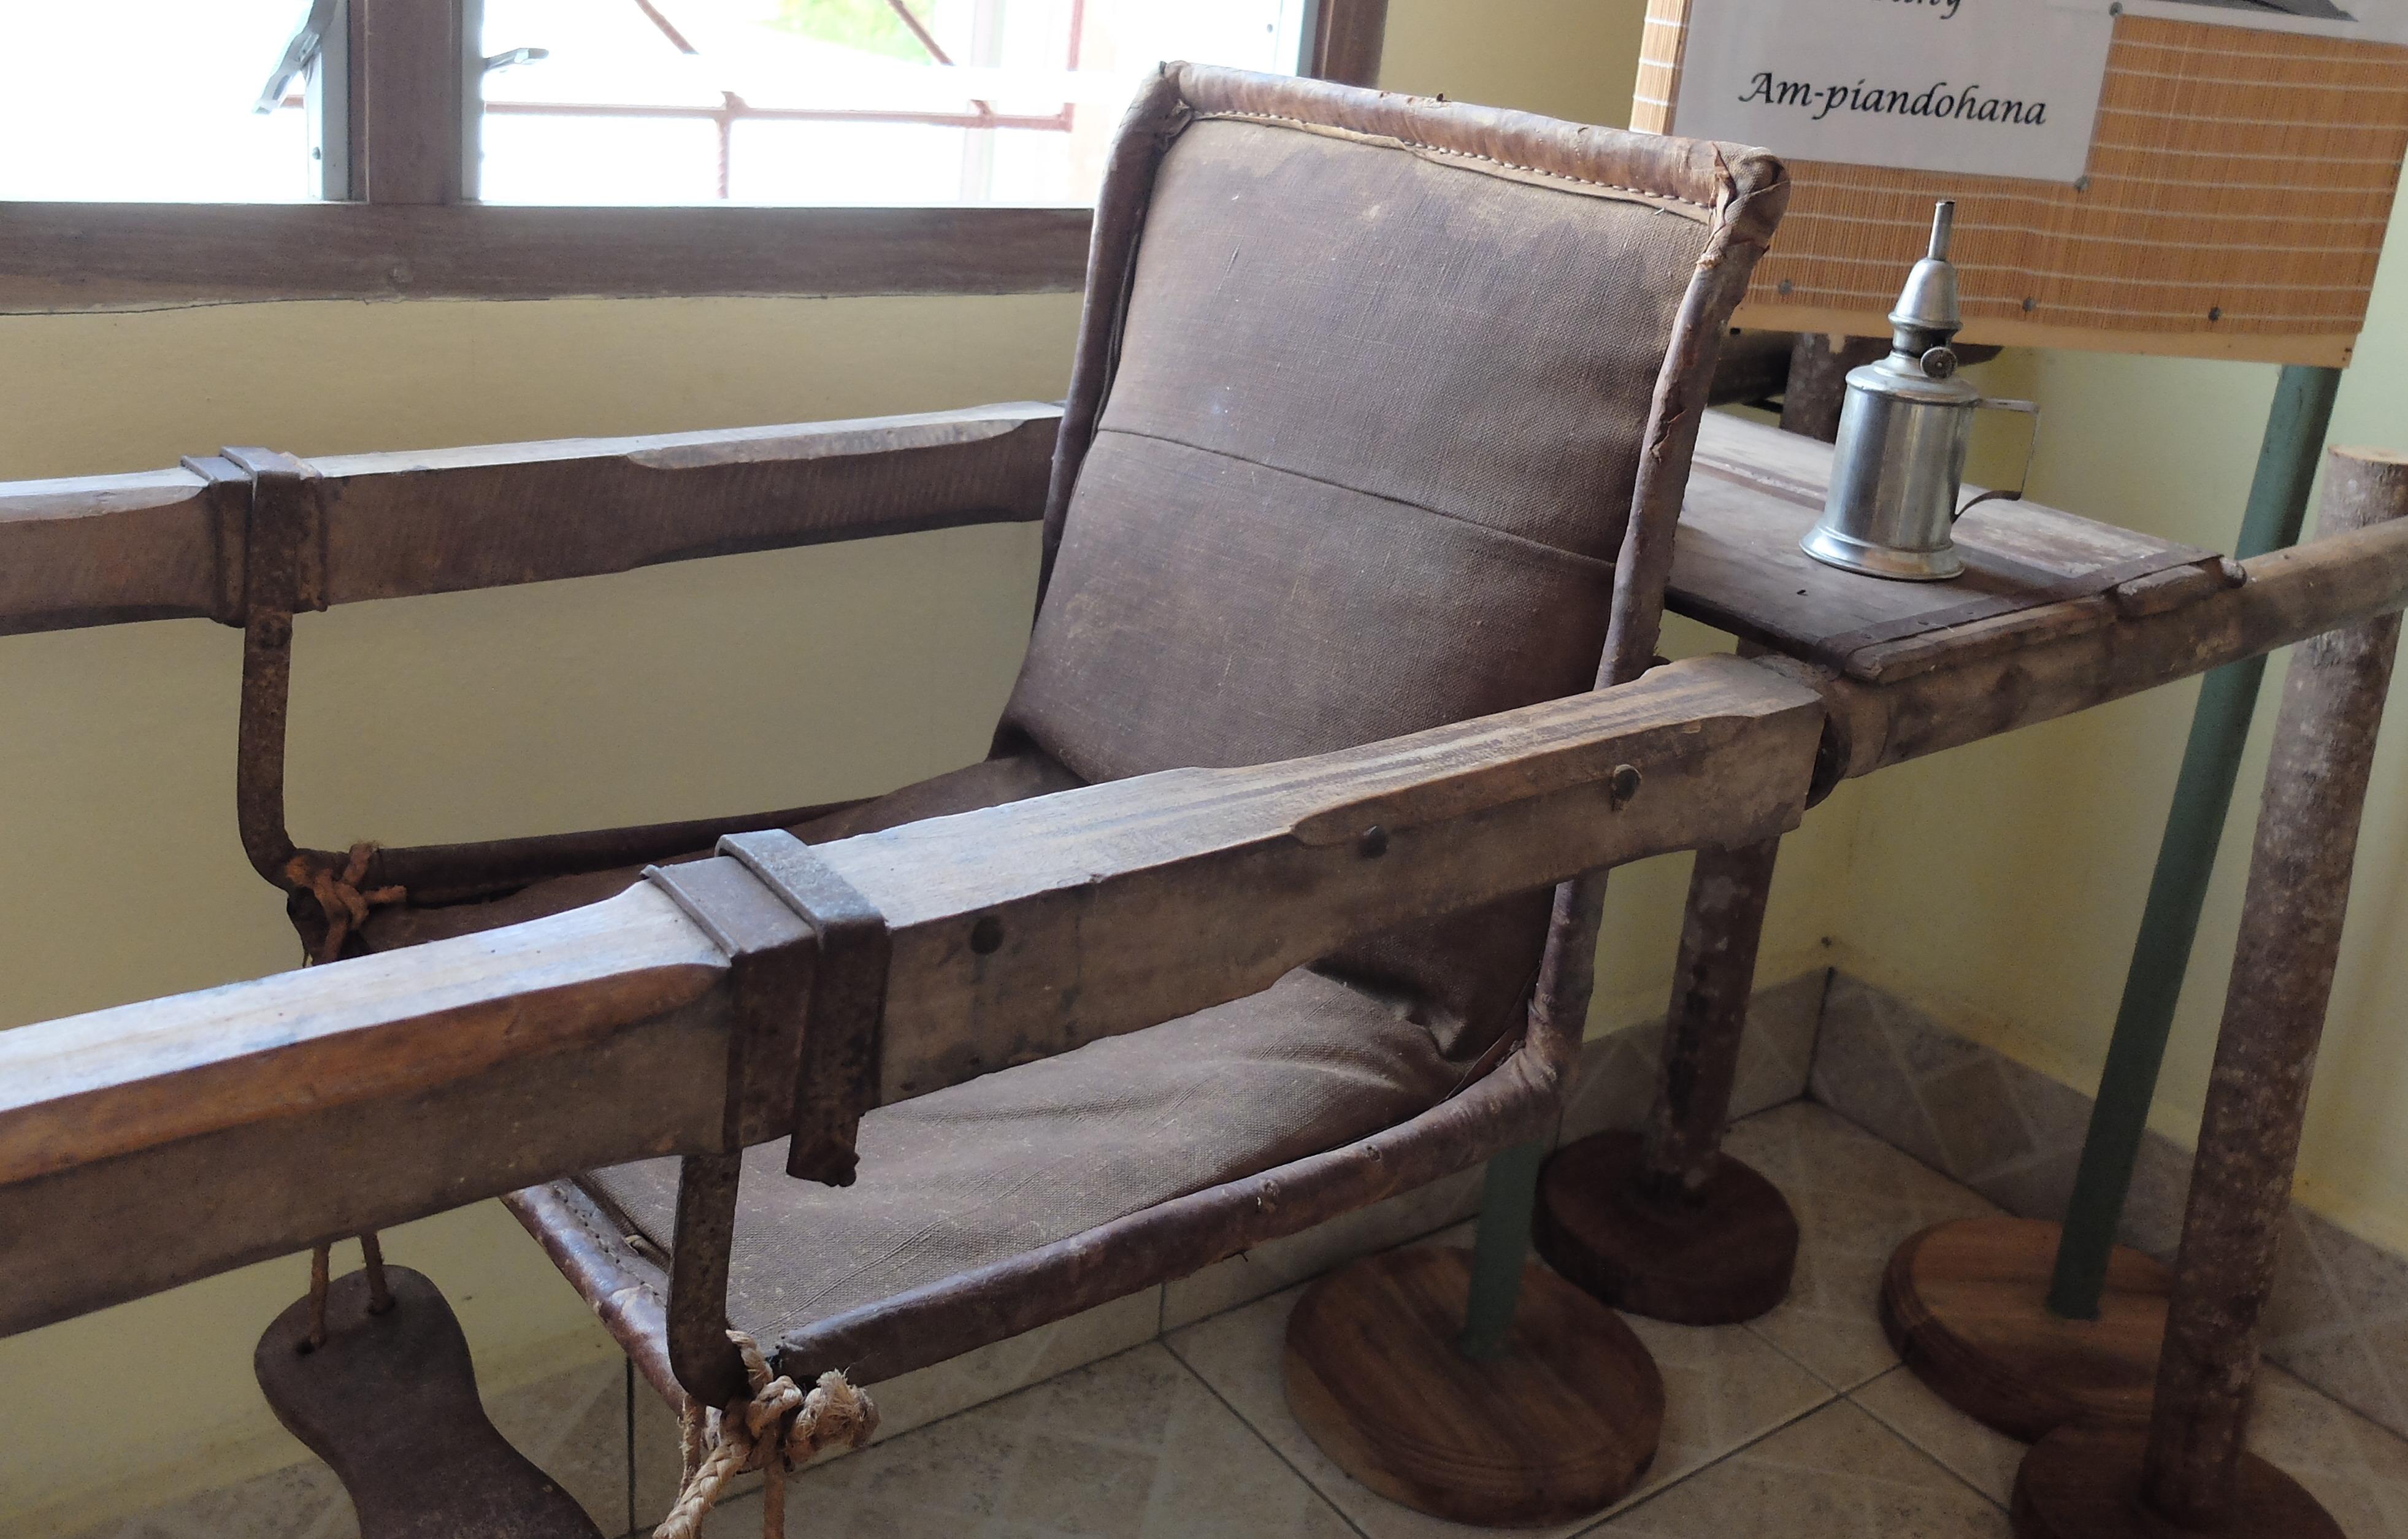 Chaise à porteurs - MUSAROI - Musée Virtuel des Arts de l'Océan Indien